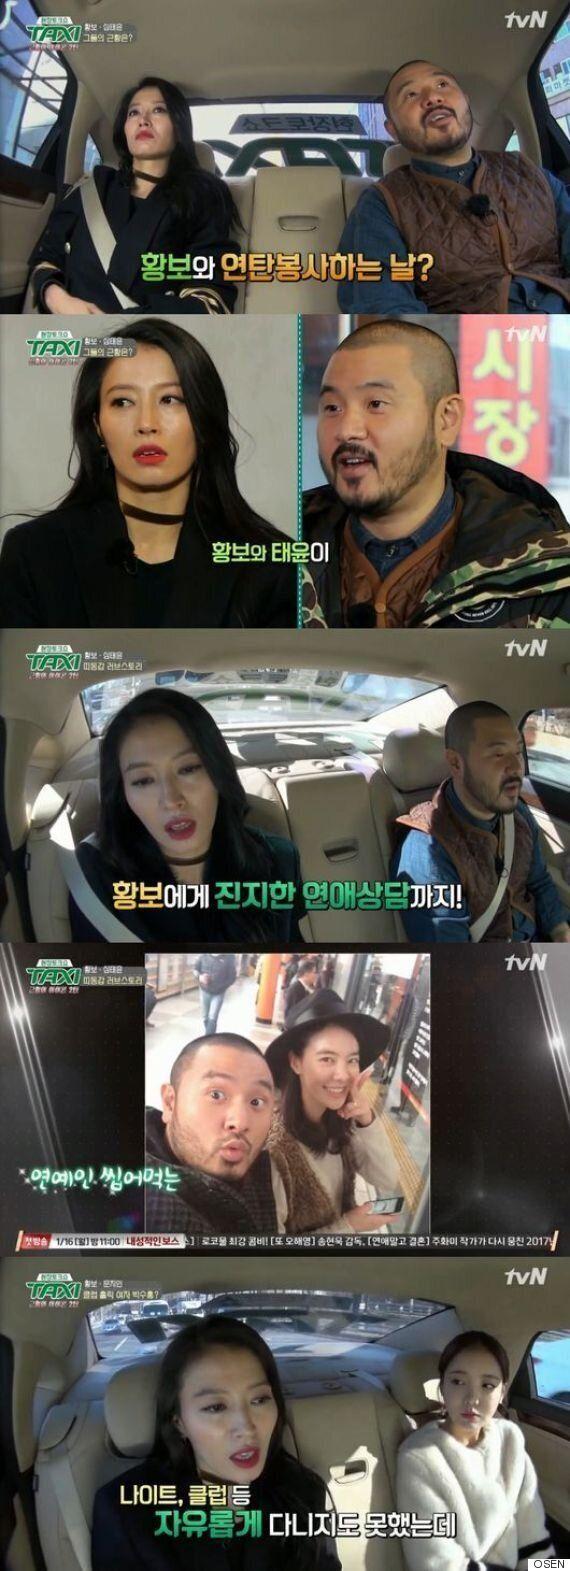 [어저께TV] '택시' 황보X심태윤, 오랜만에 보니 반갑지